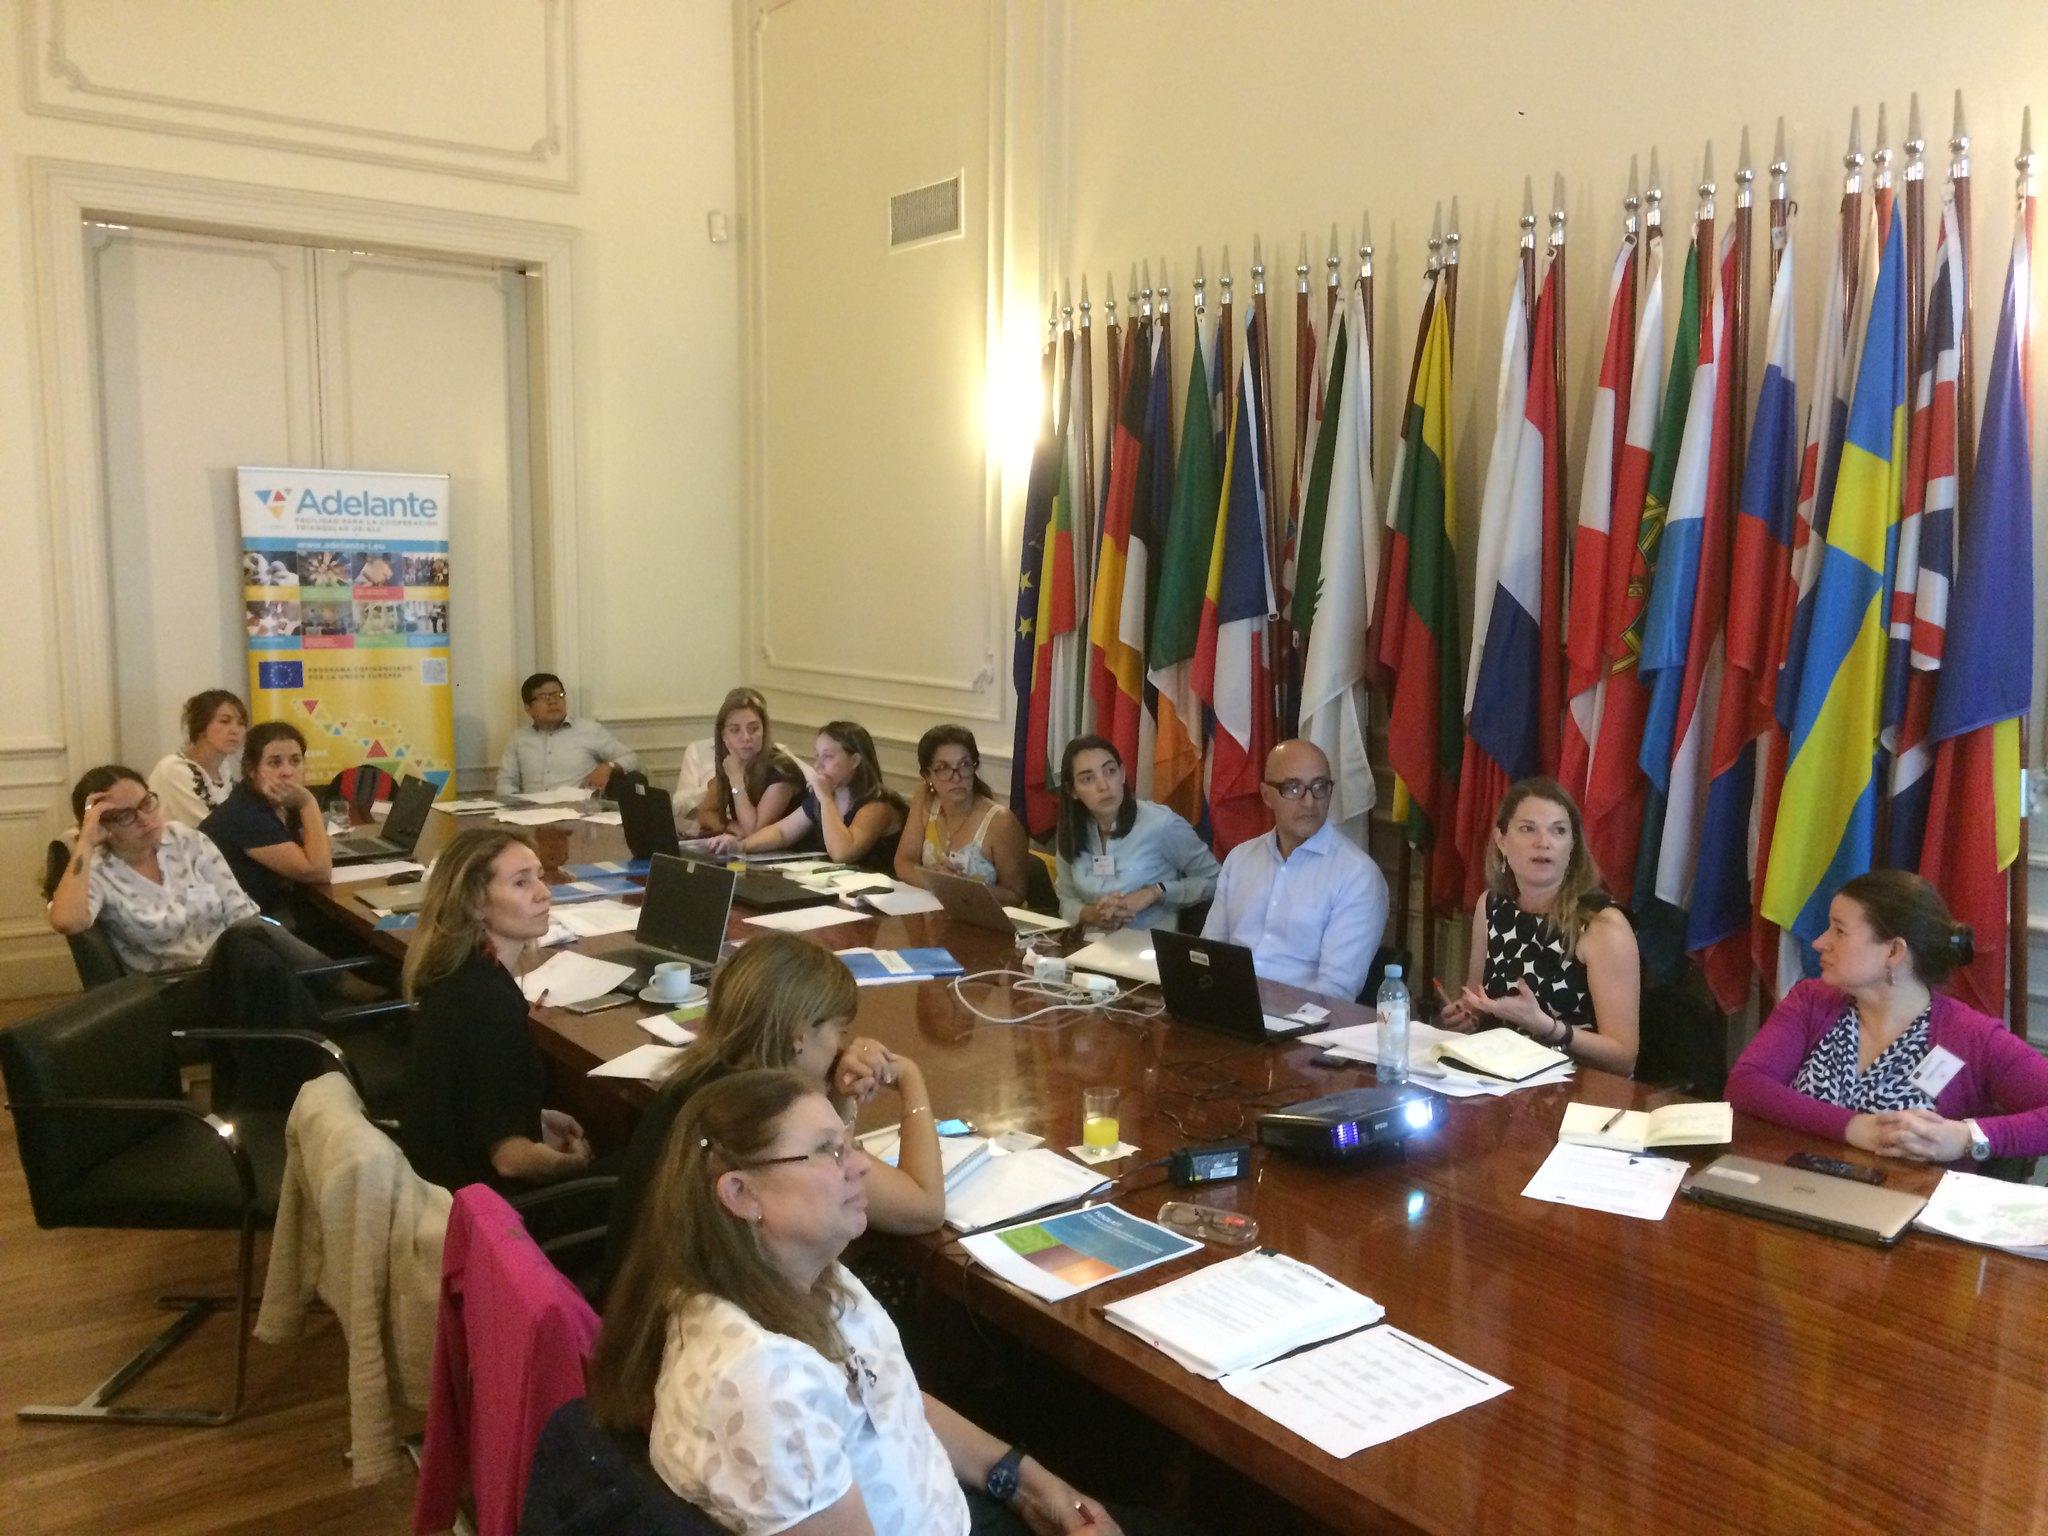 2ª reunión de proyectos del Programa ADELANTE en la Delegación de la Unión Europea en Argentina